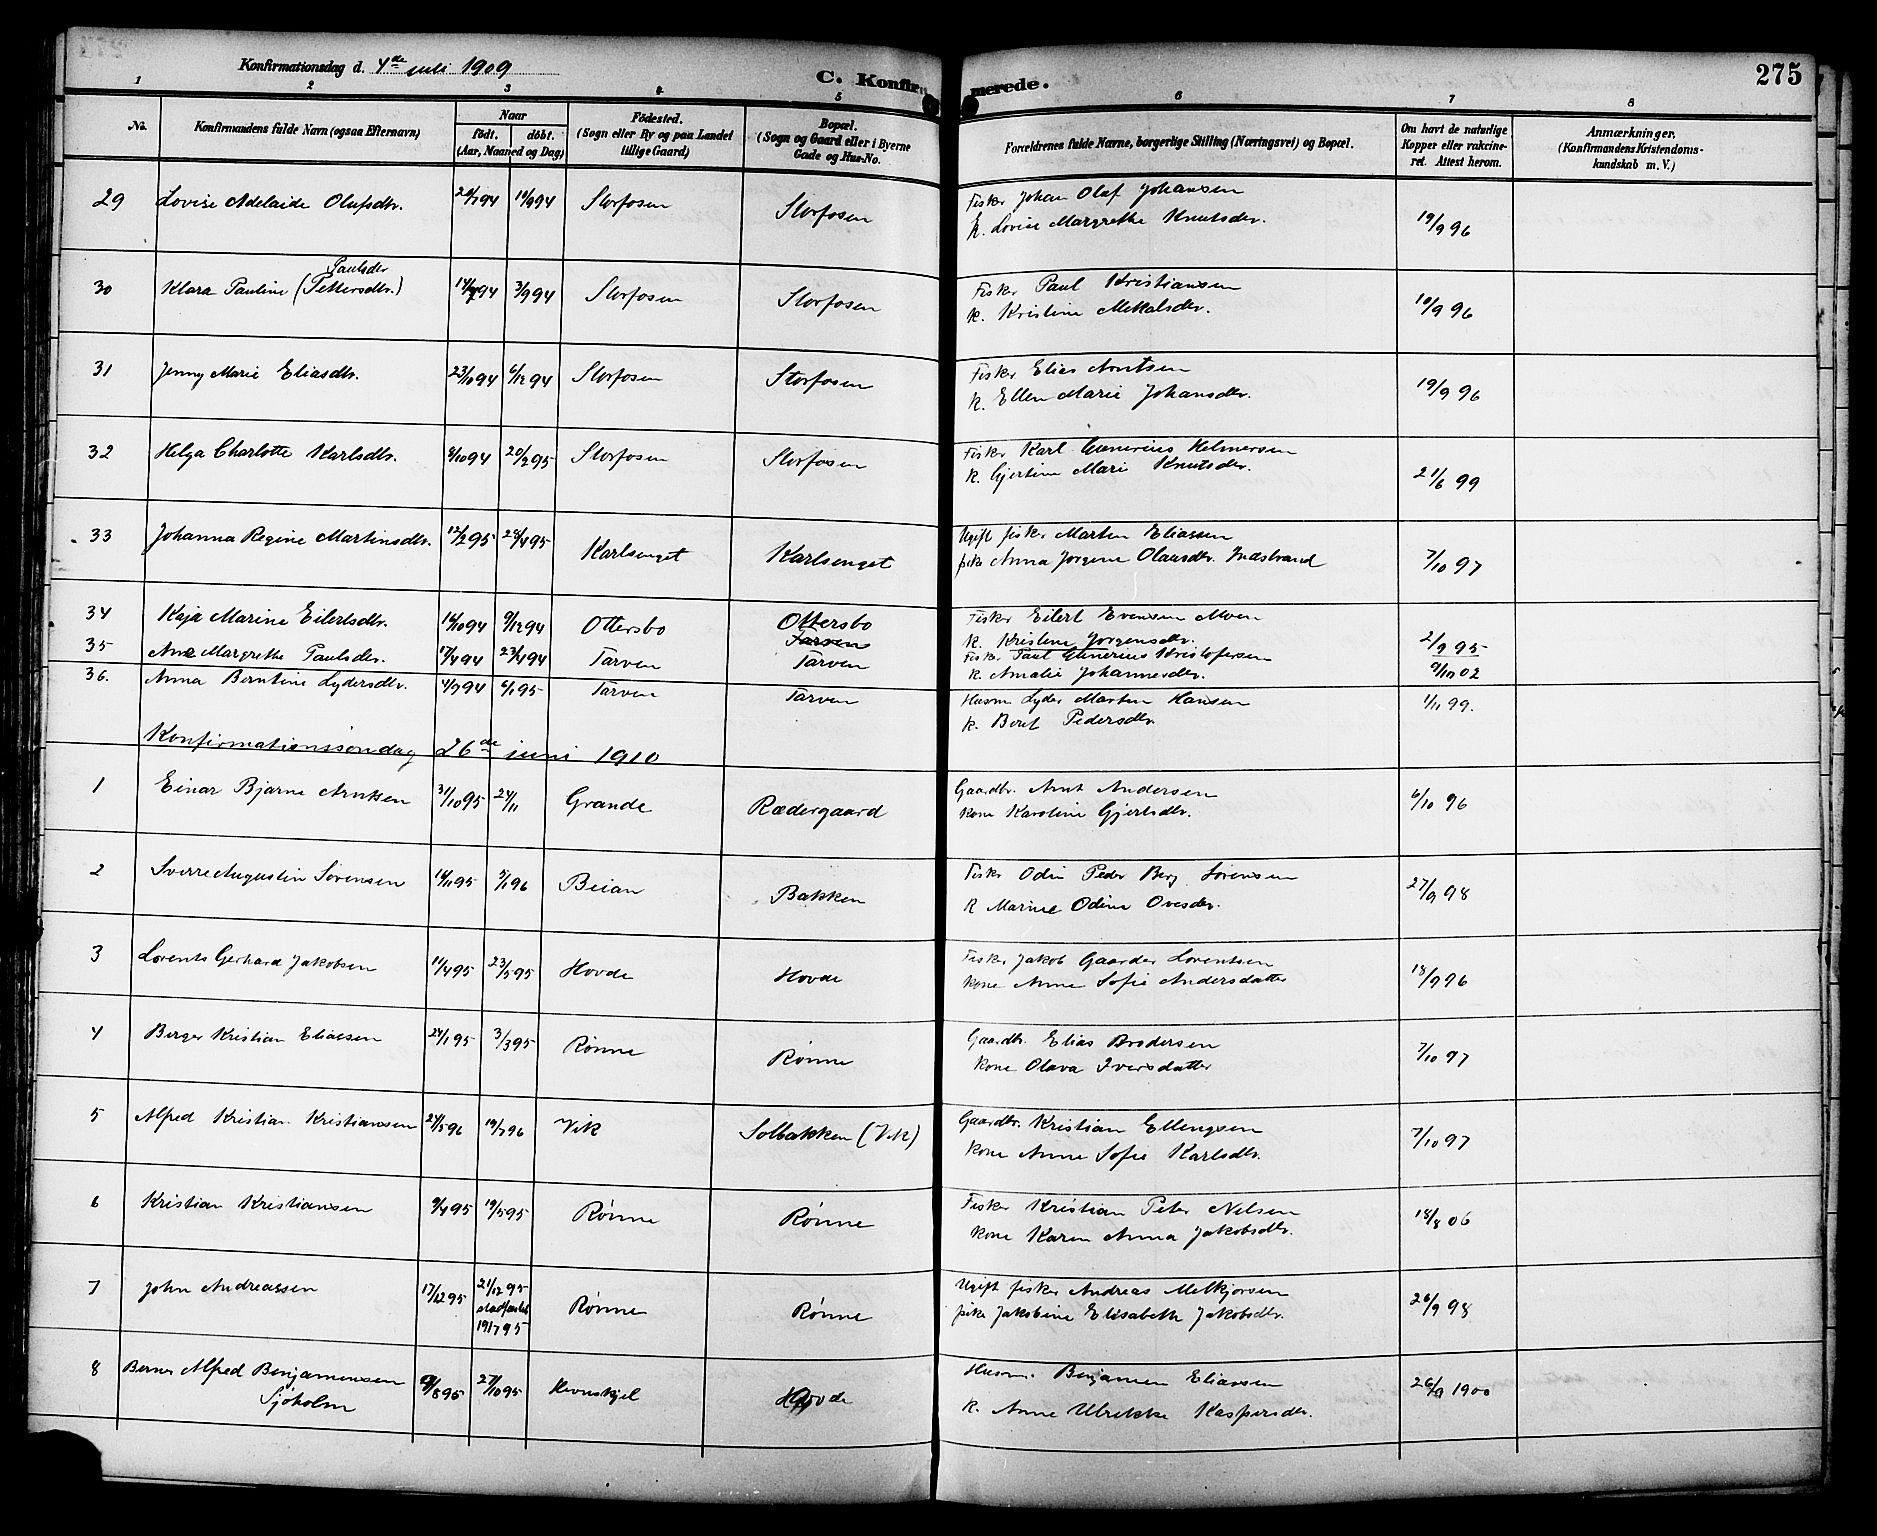 SAT, Ministerialprotokoller, klokkerbøker og fødselsregistre - Sør-Trøndelag, 659/L0746: Klokkerbok nr. 659C03, 1893-1912, s. 275